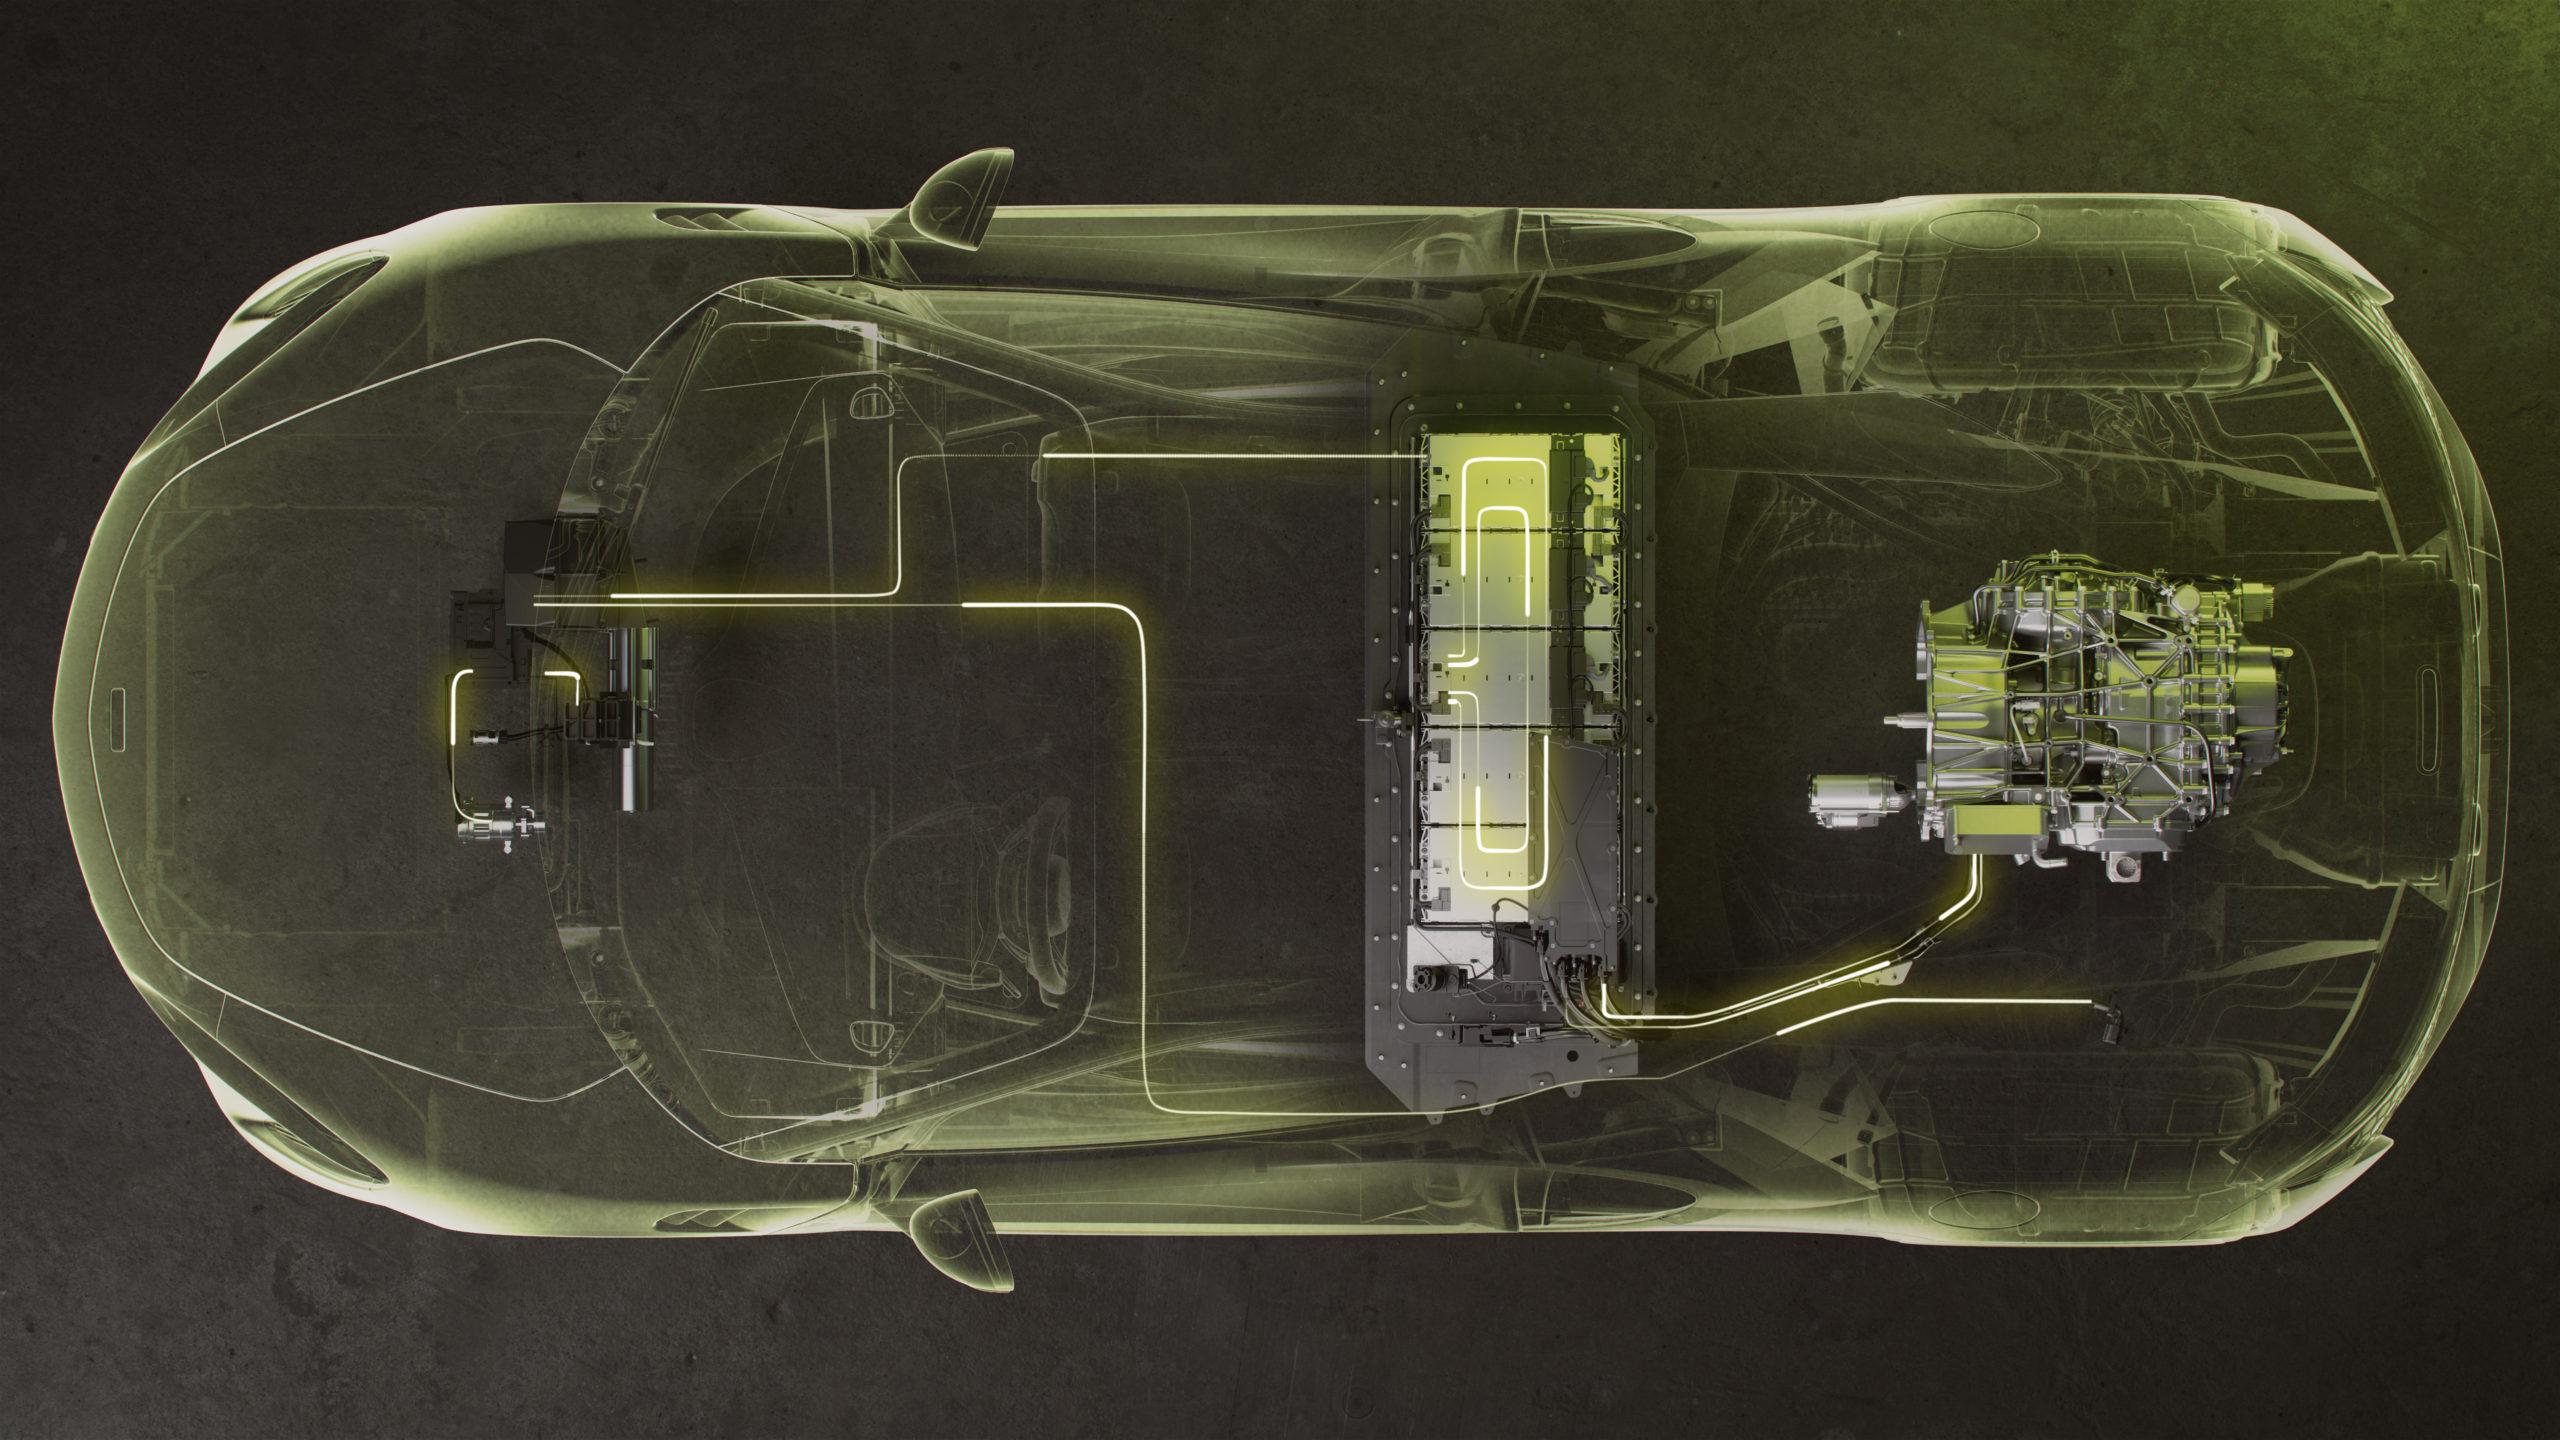 2022 McLaren Artura hybrid powertrain